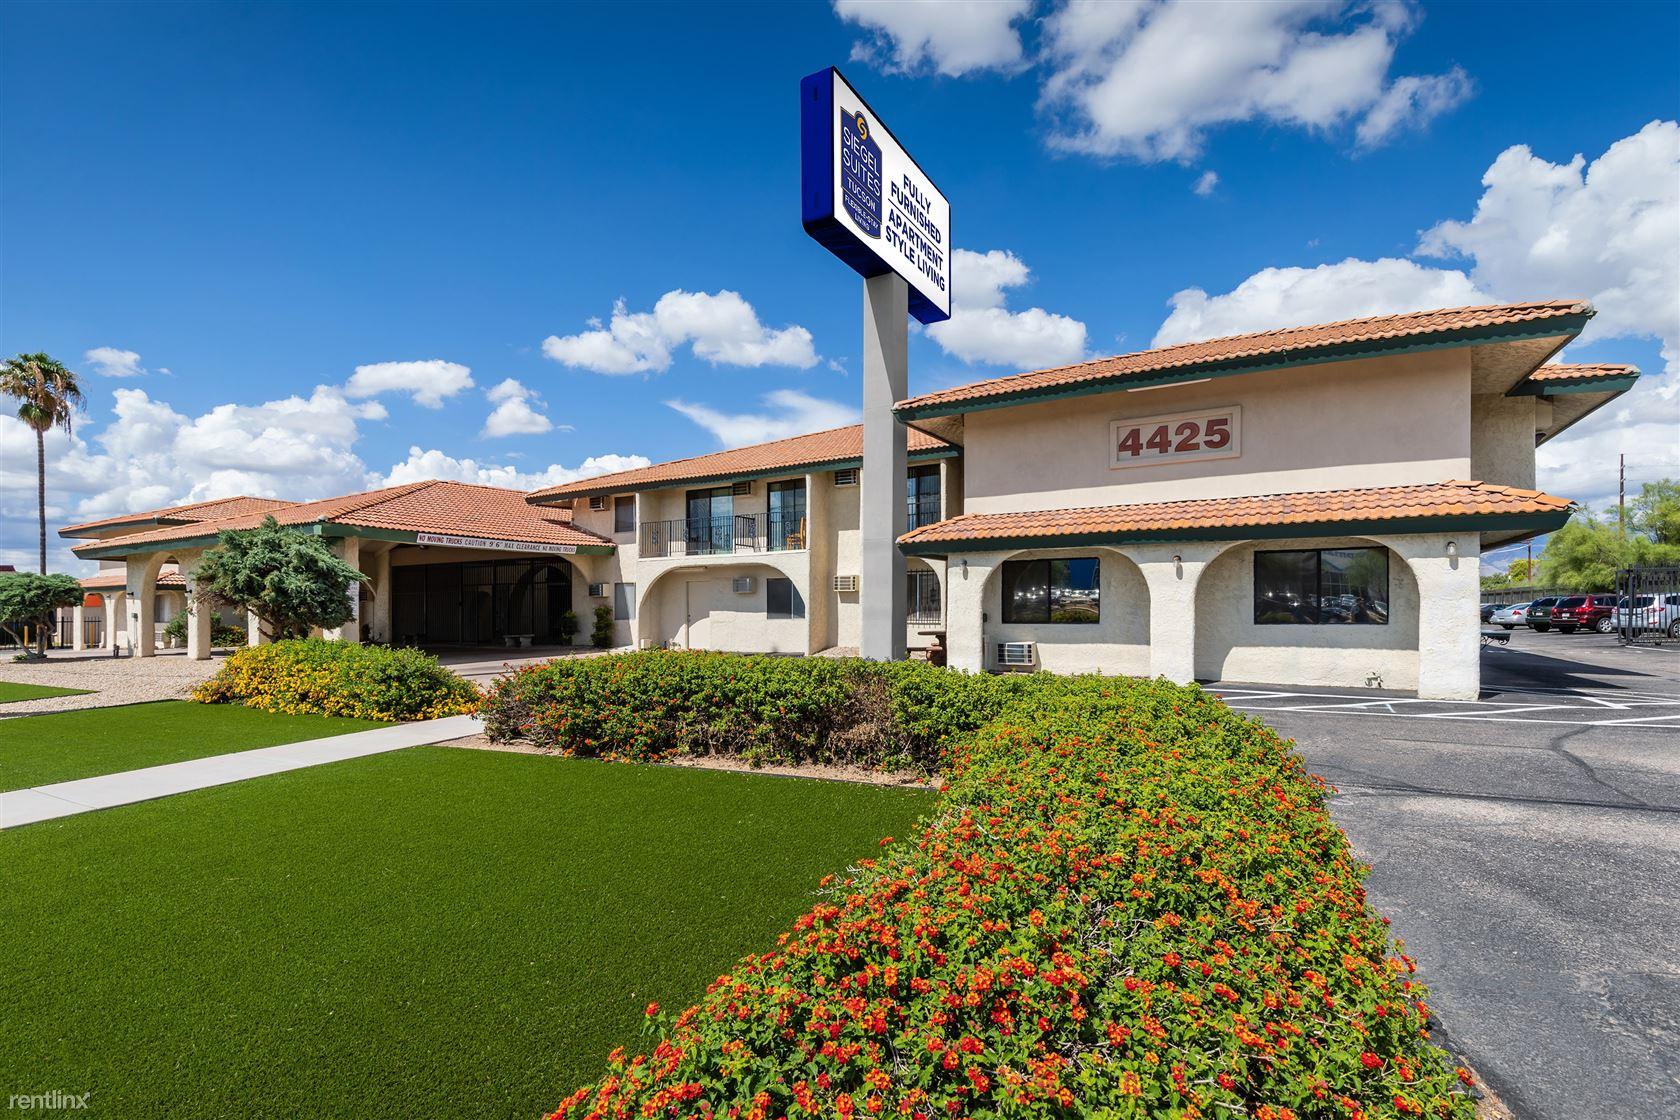 4425 E 22nd St, Tucson, AZ - $819